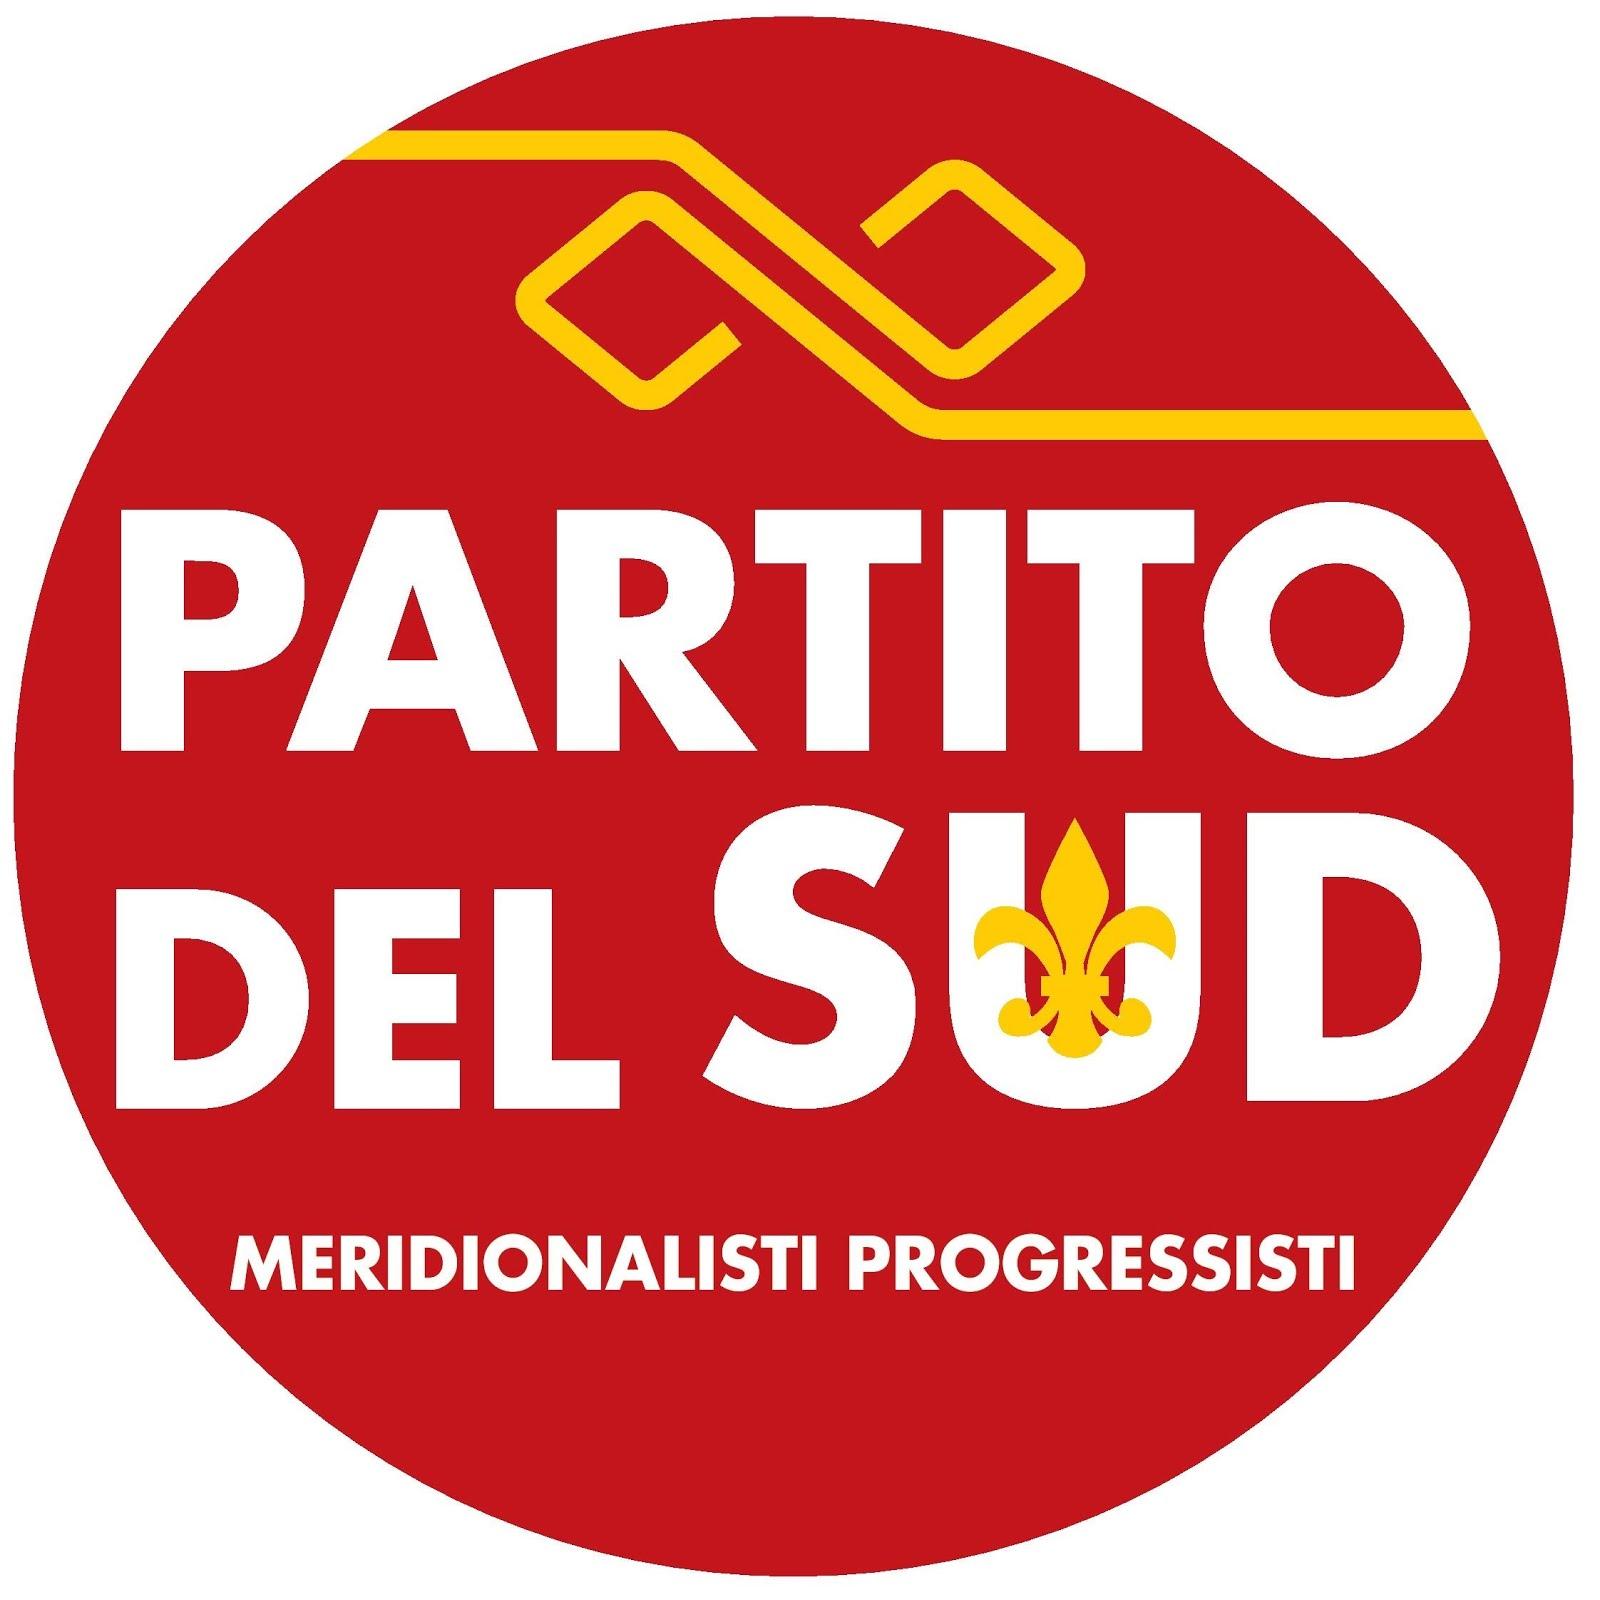 Partito del Sud